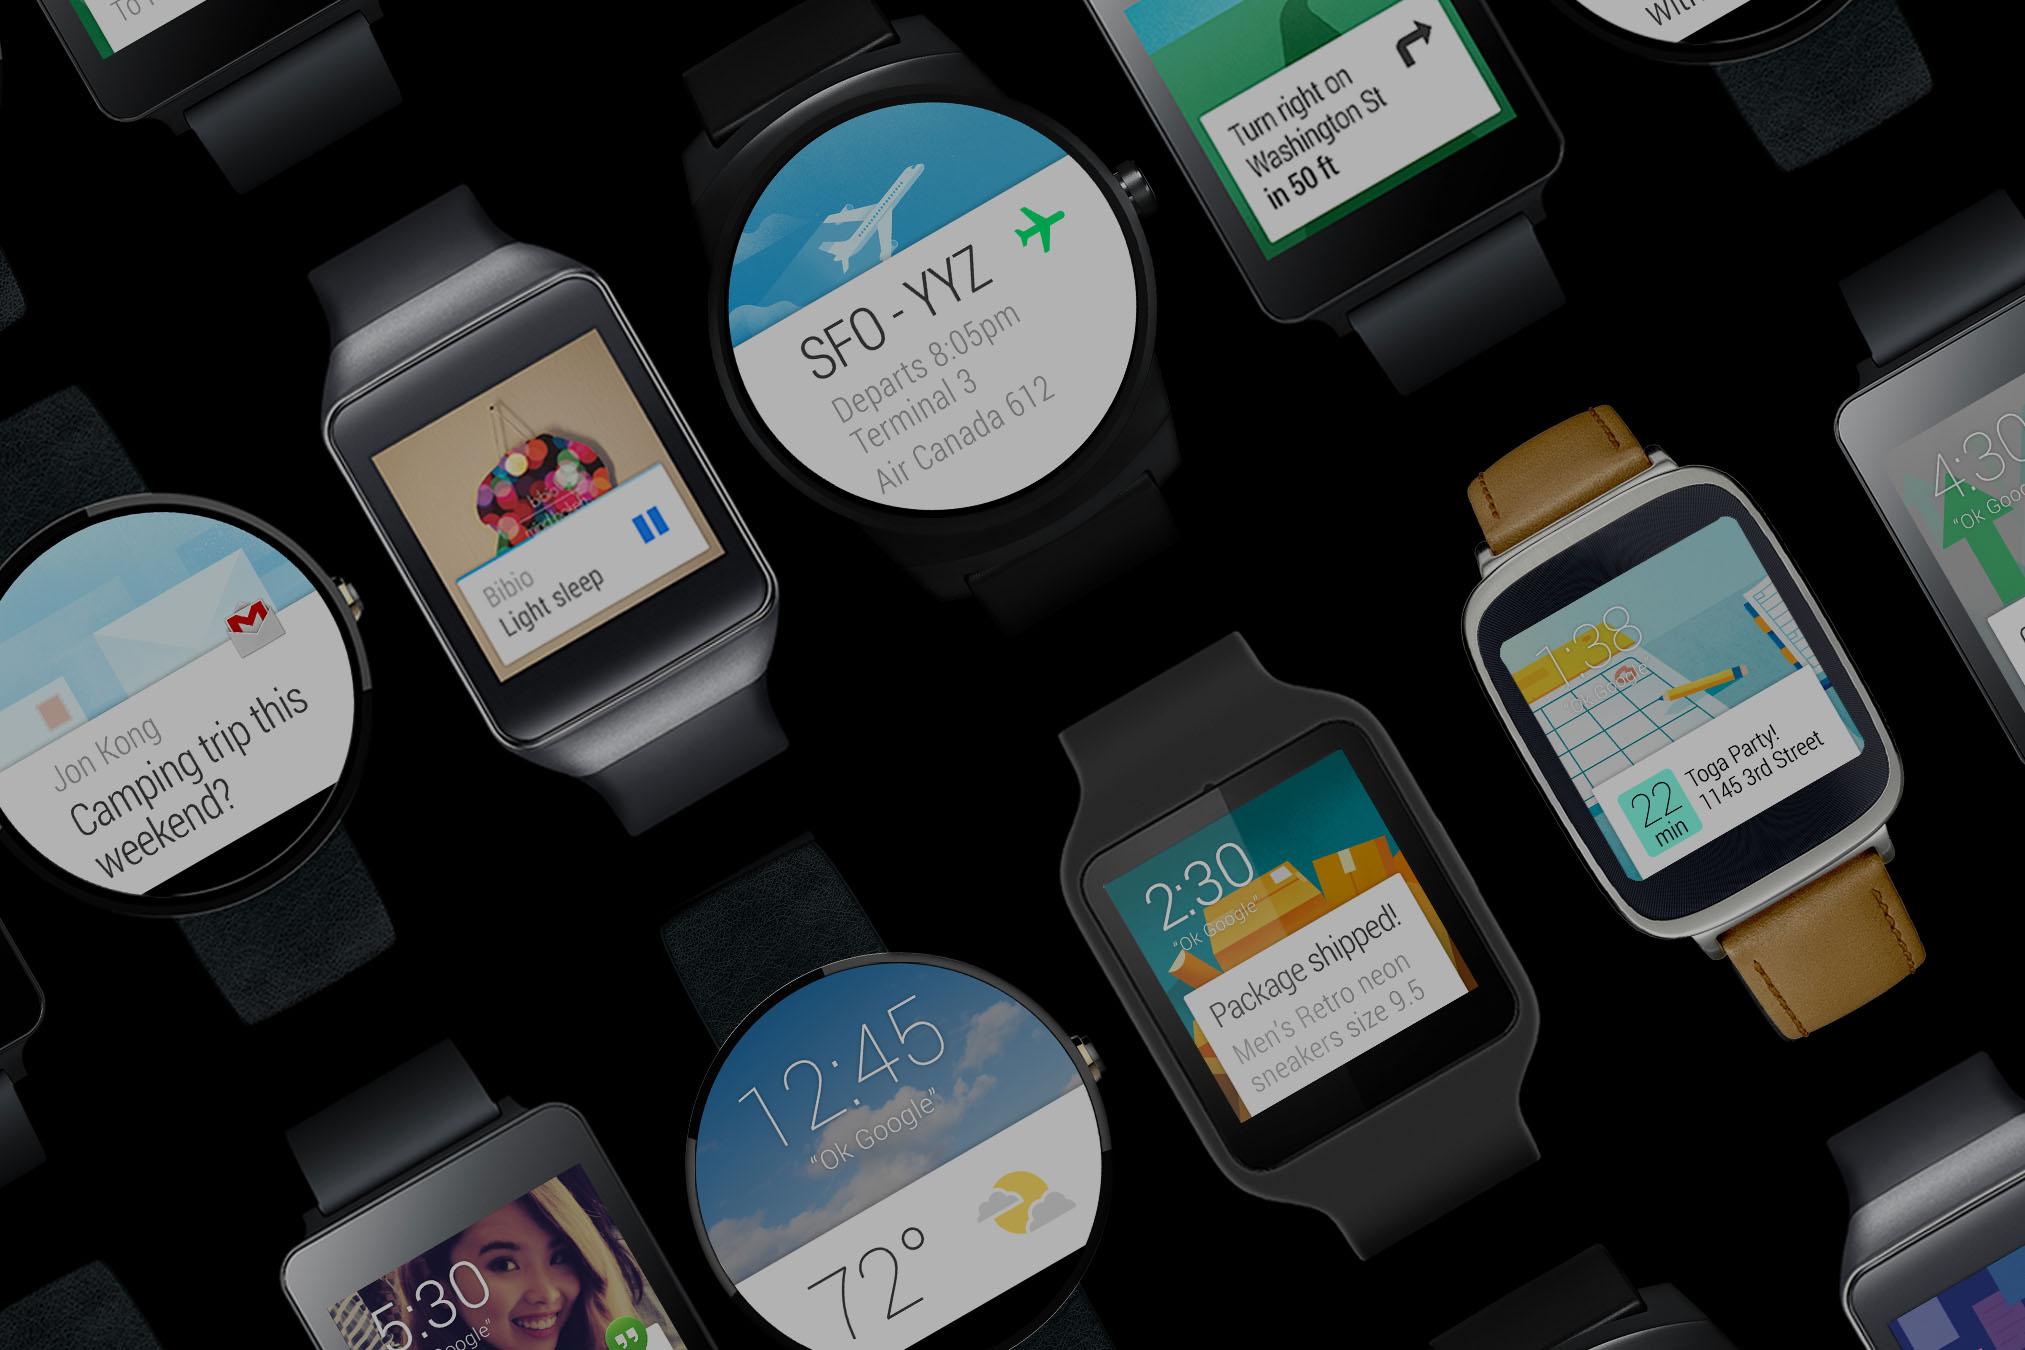 Android Wear, un lancement en demi-teinte à relativiser